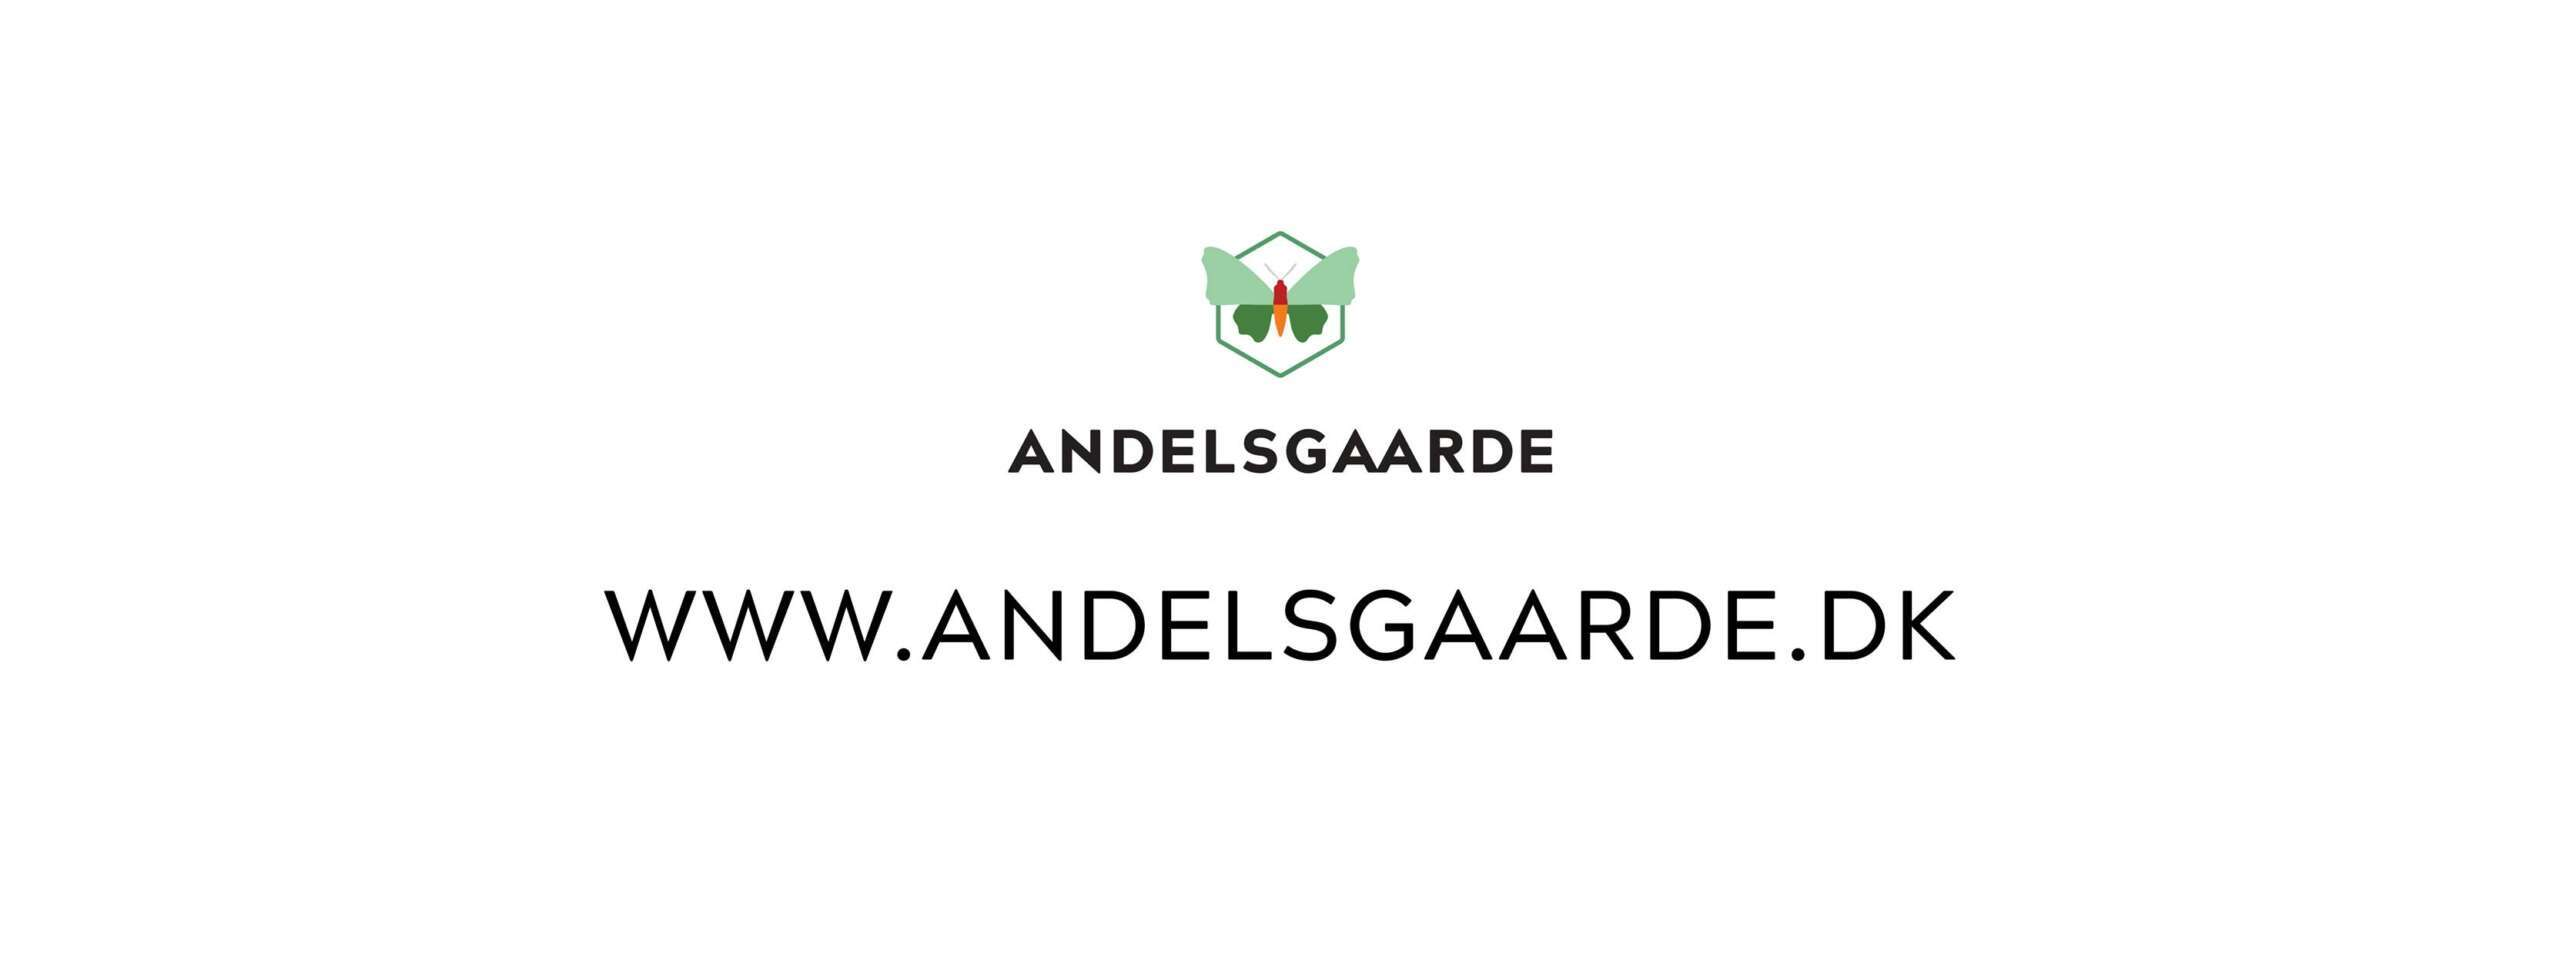 Andelsgaardes foredrag #2 Esther Michelsen Kjeldahl